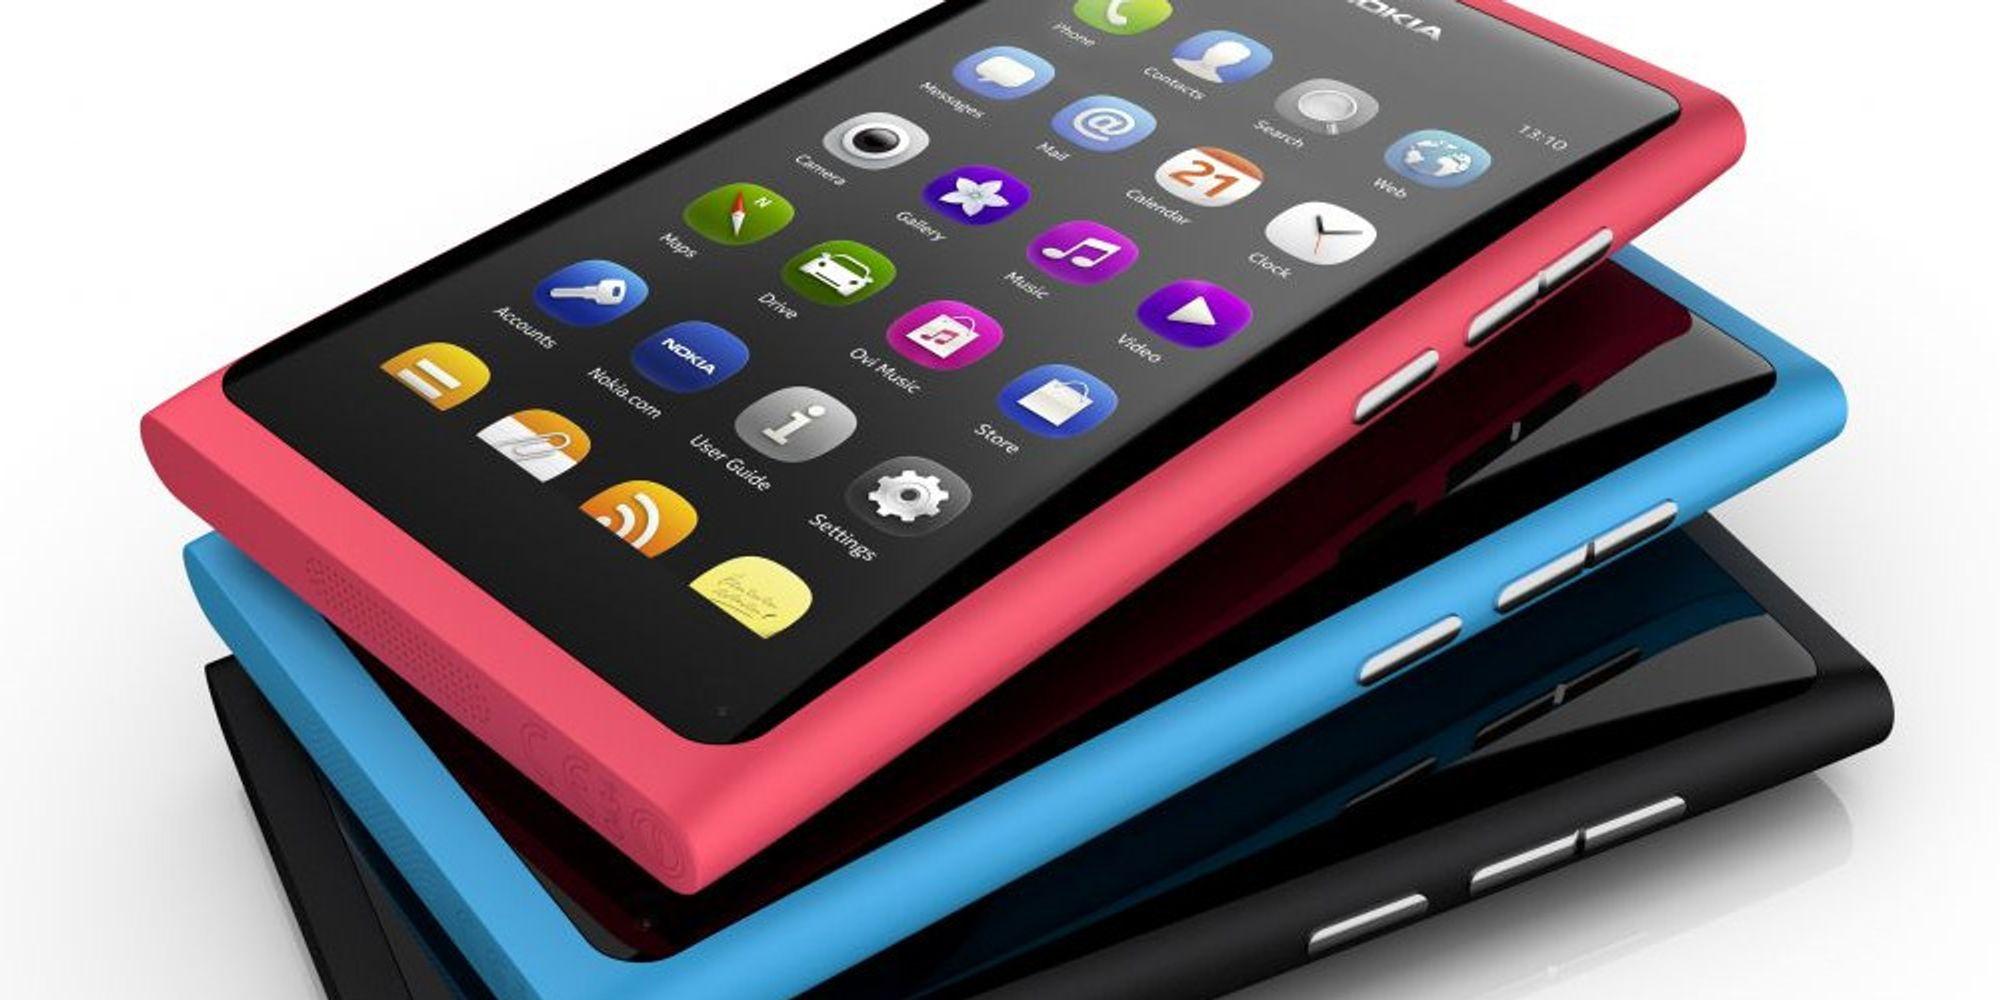 Ny oppdatering til Nokia N9 dukker opp